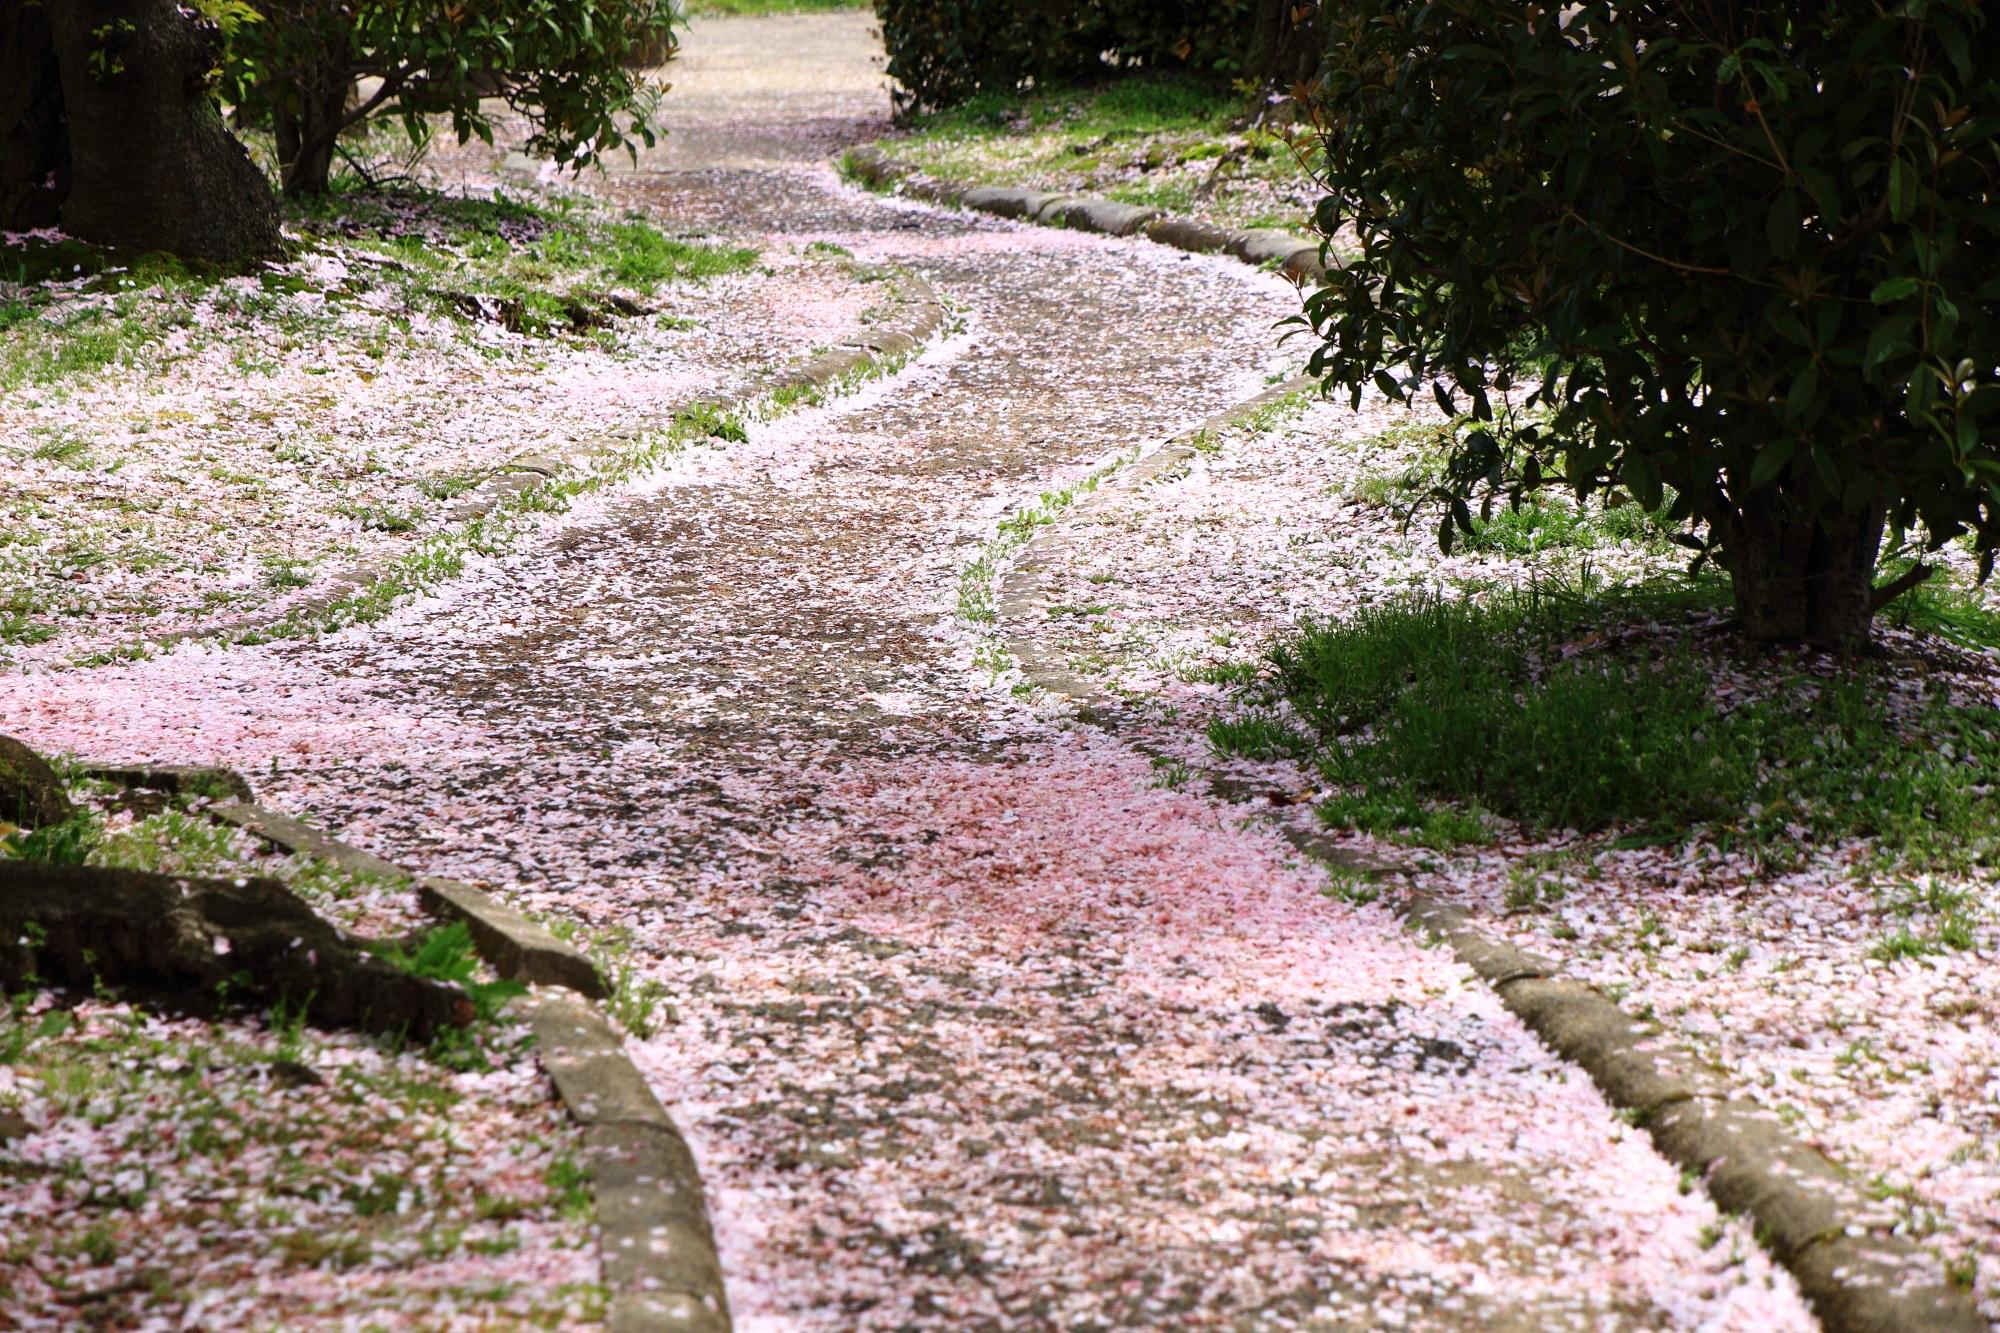 岡崎疏水沿いの凄い散り桜